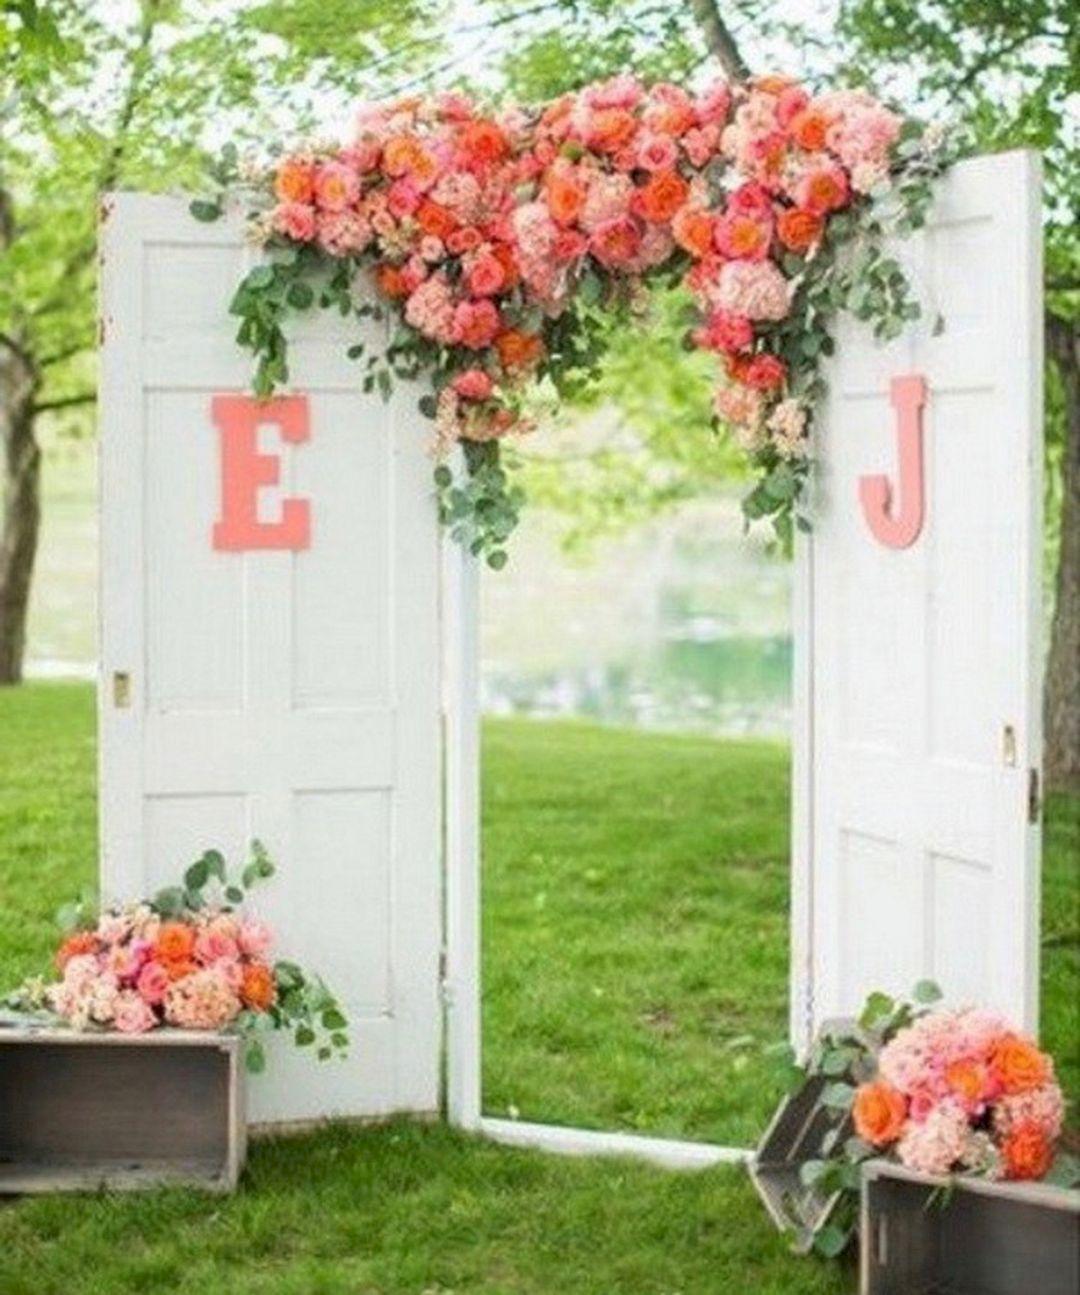 Outdoor Wedding Ceremony Doors: 20 Wonderful Vintage Door Wedding Backdrops Design Ideas